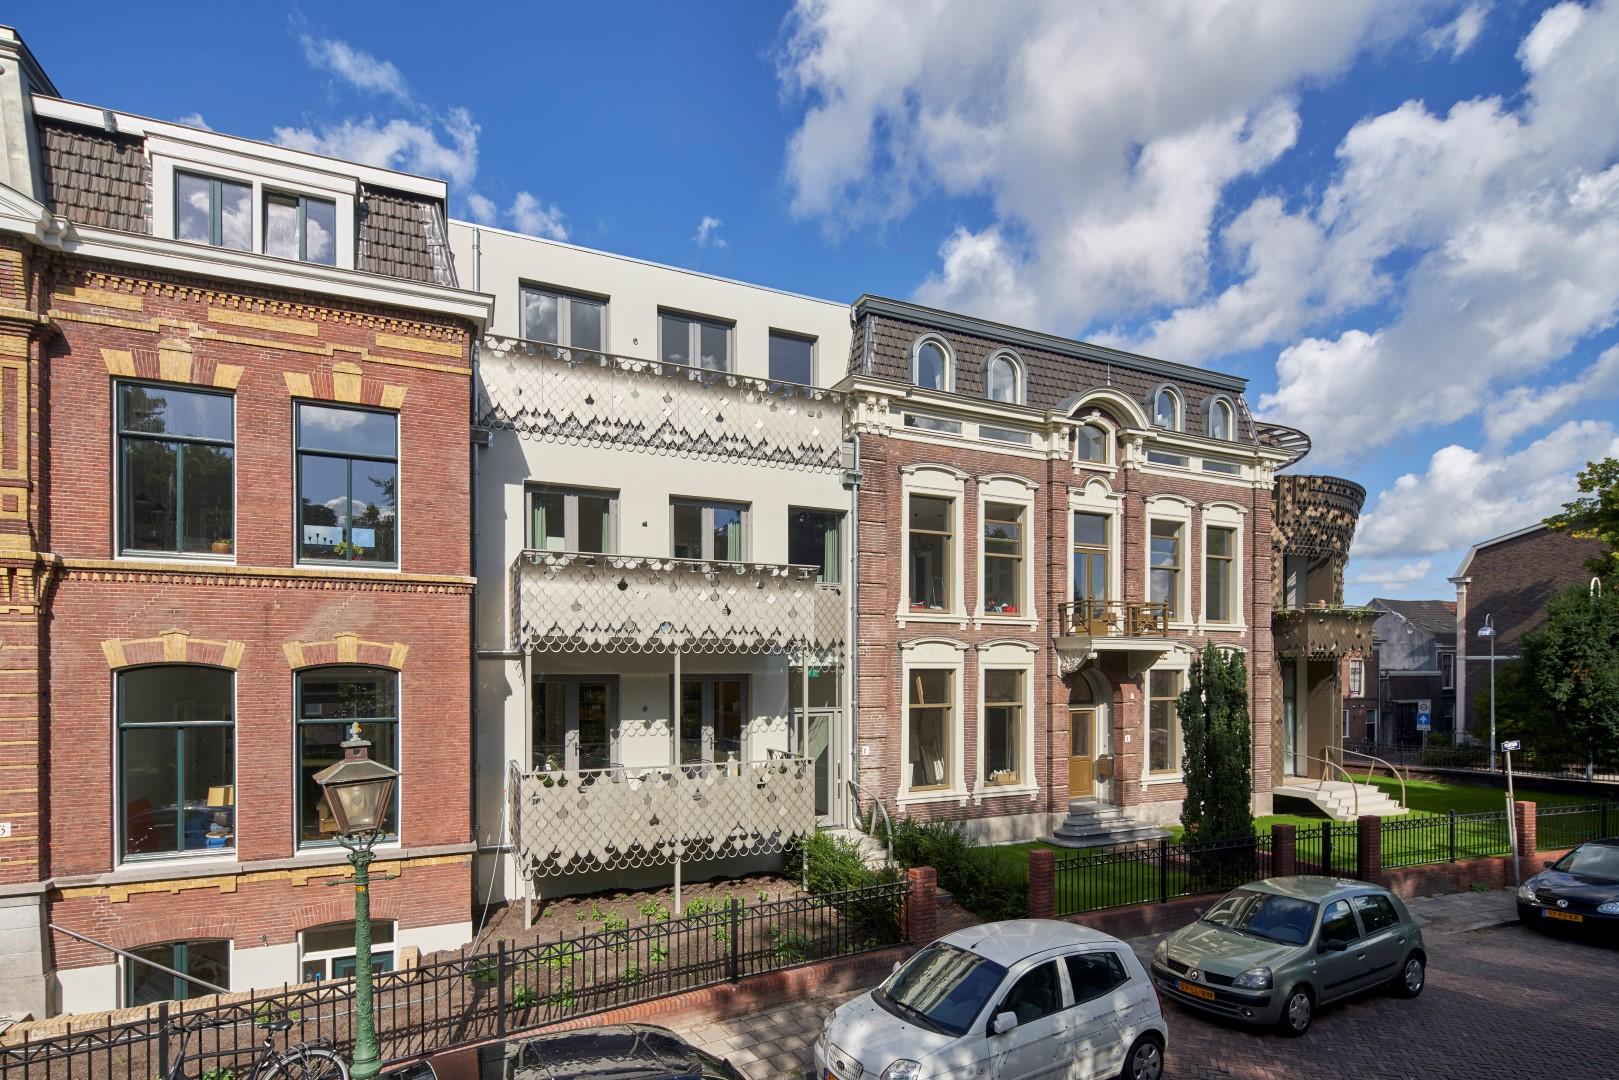 Balkons van het Plantsoen in Leiden met bladmotief verwerkt in de balustrades